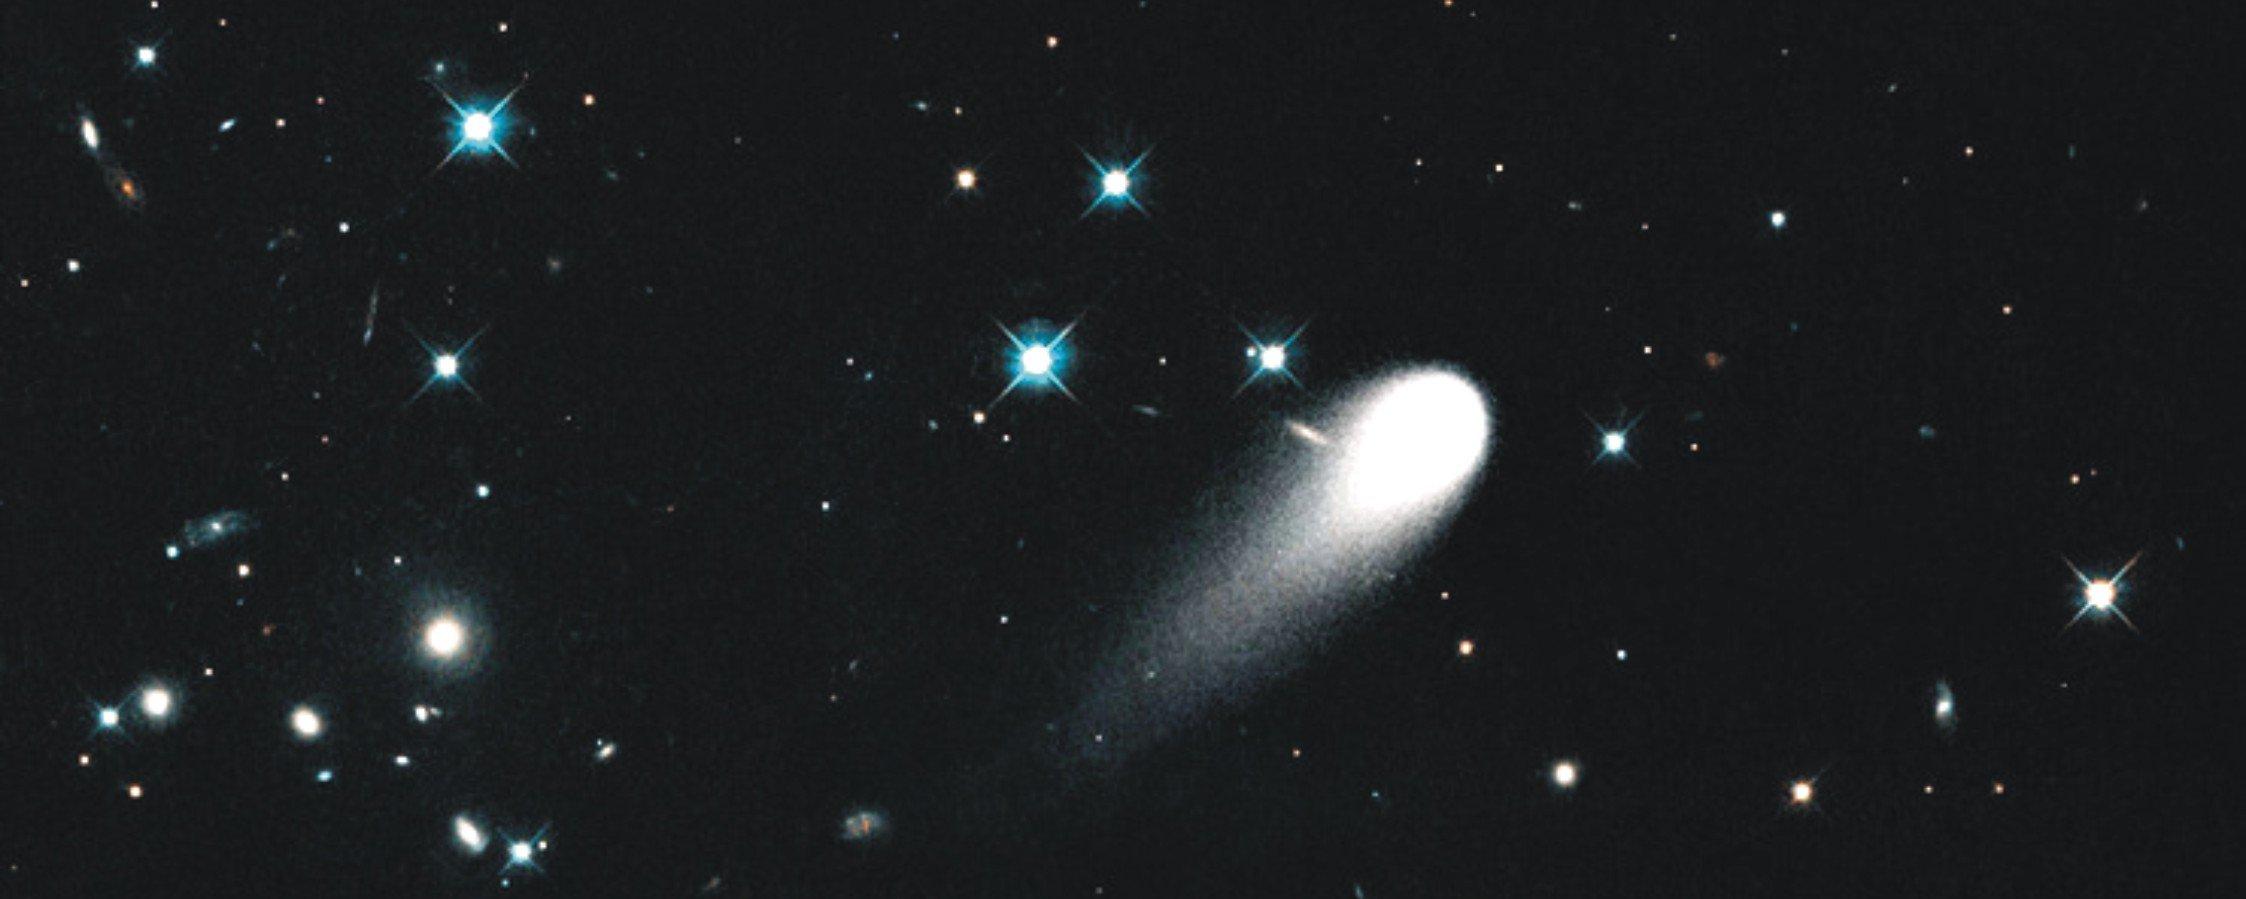 Papa Francisco = Gallo = Pedro. Para mi un acierto más de BSP - Página 5 El-cometa-ison-capturado-por-el-telescopio-hubble